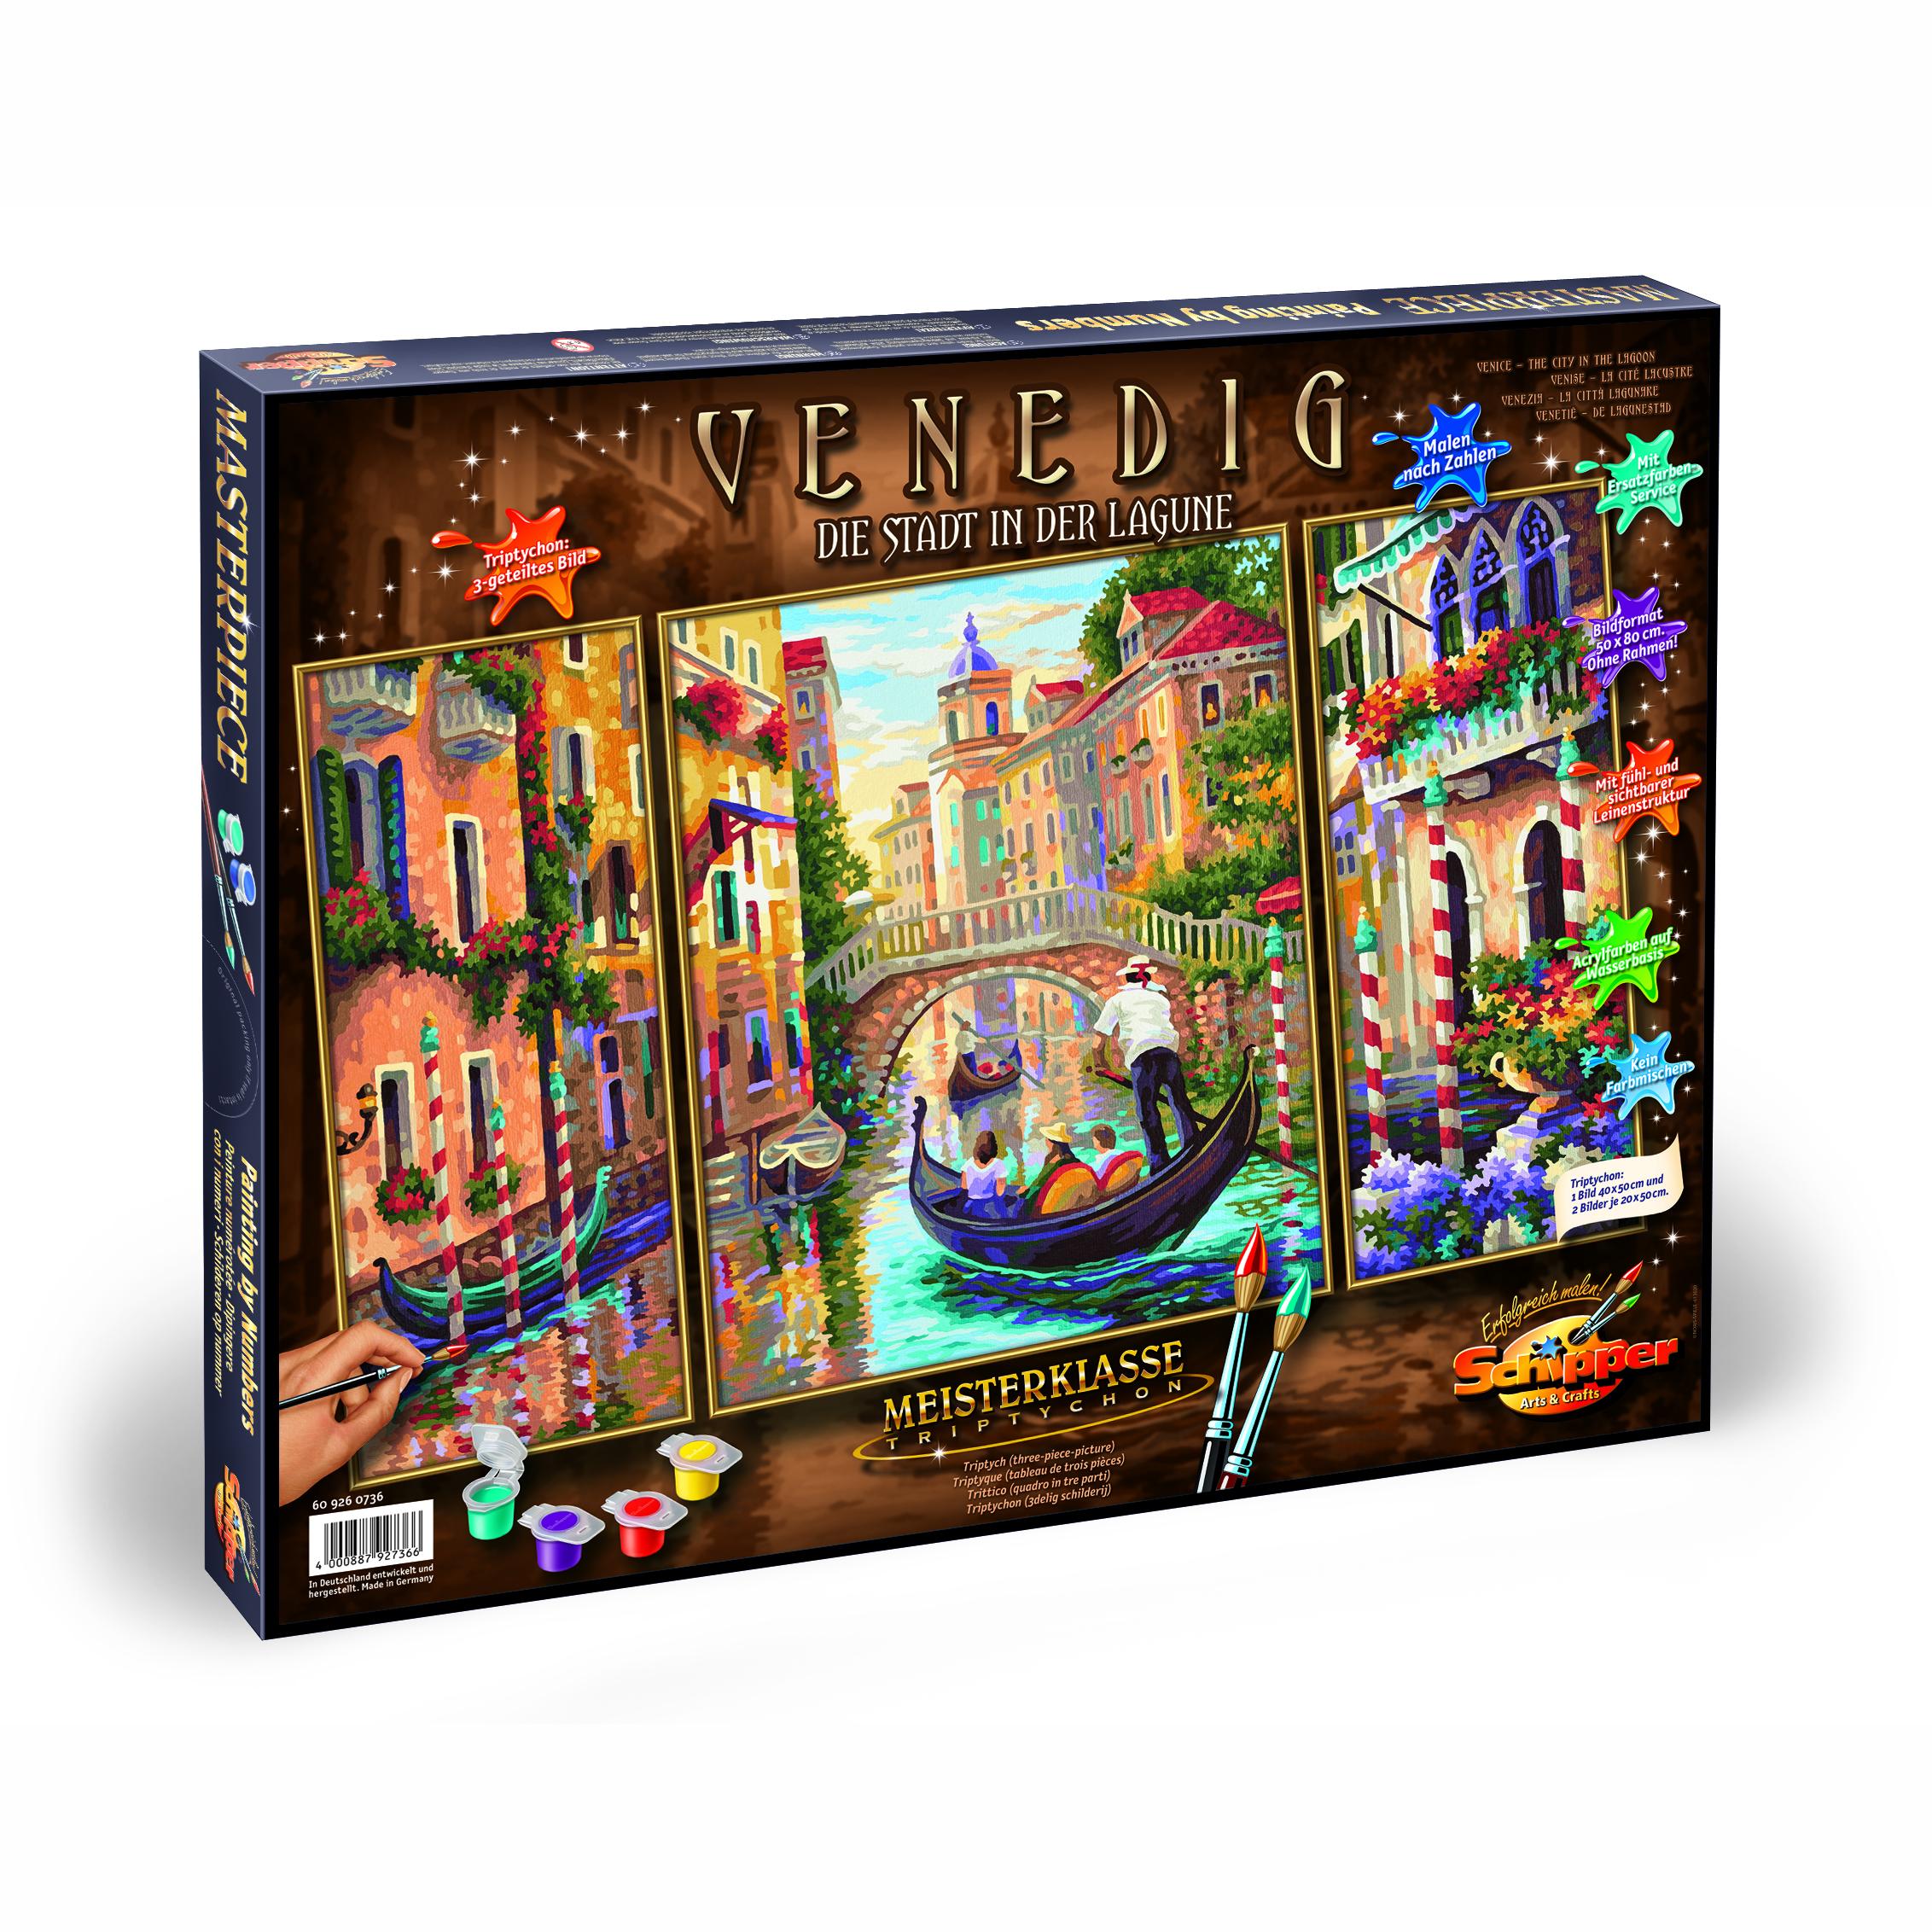 Раскраска по номерам – Триптих, Венеция - город в Лагуне, 50 х 80 смРаскраски по номерам Schipper<br>Раскраска по номерам – Триптих, Венеция - город в Лагуне, 50 х 80 см<br>